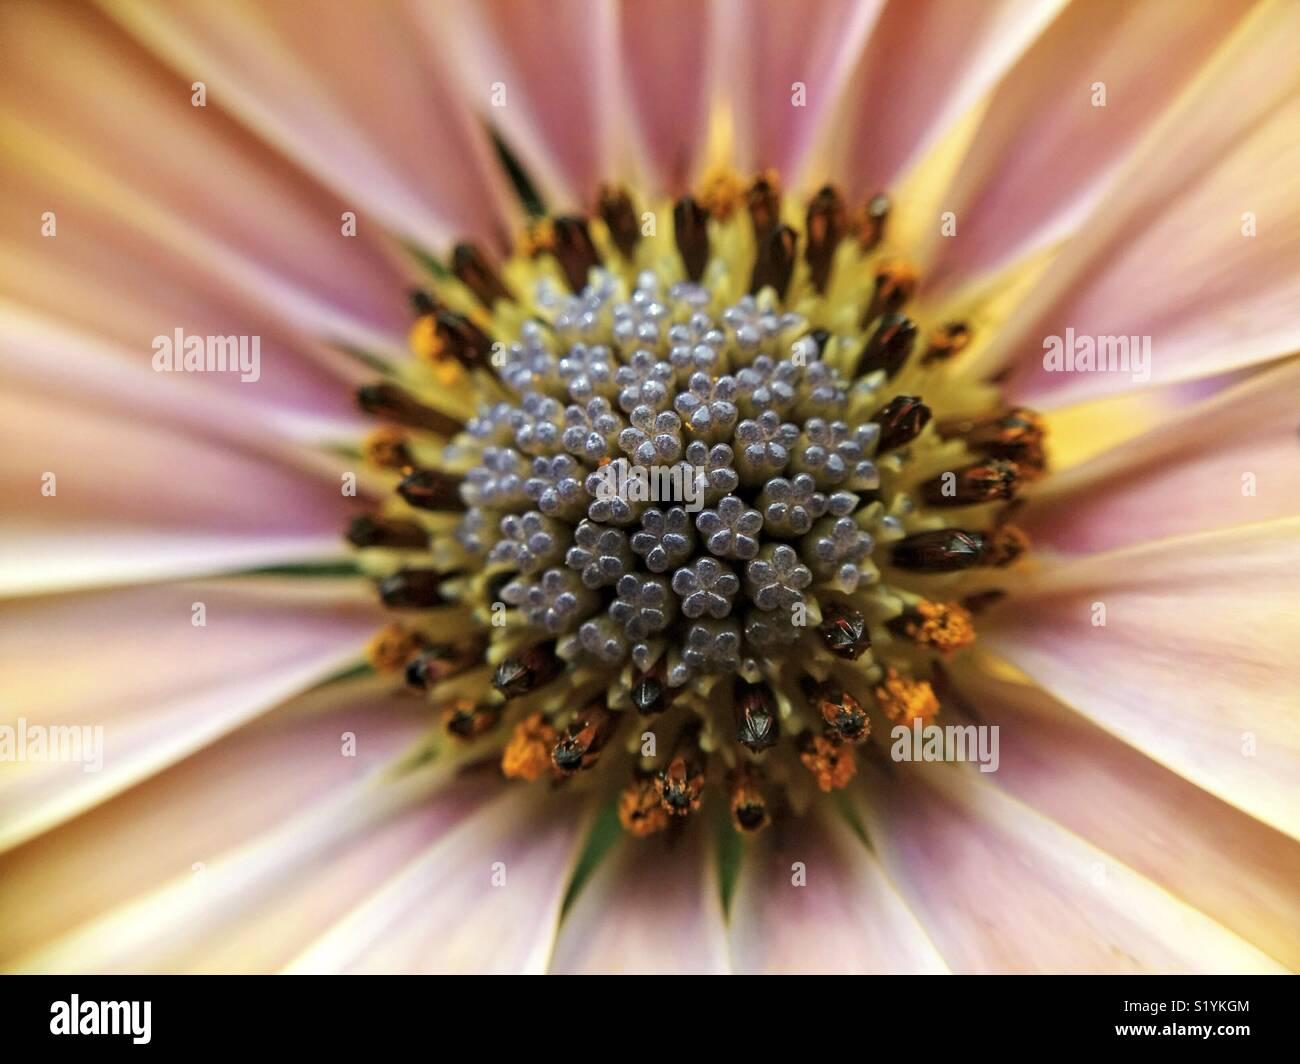 Centro de margarita africana. Osteospermum. Macro. Imagen De Stock